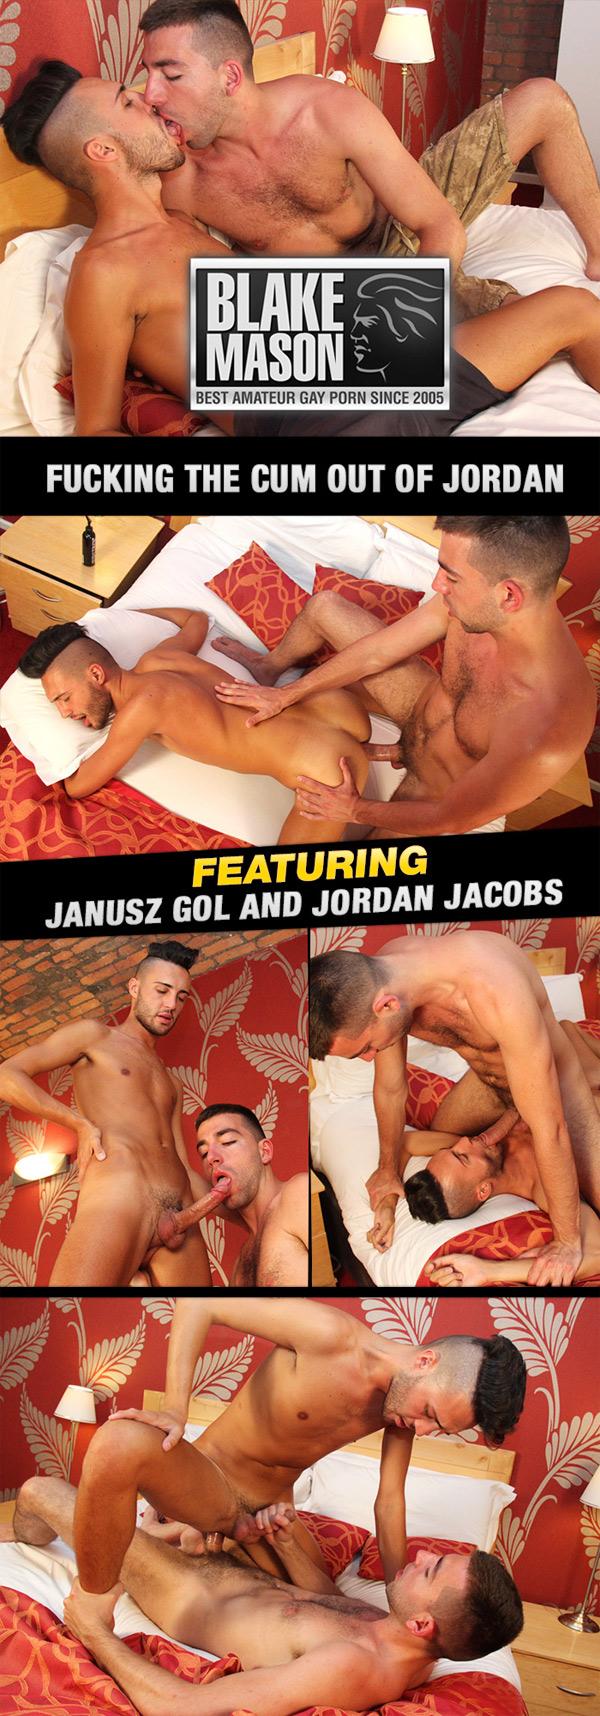 Janusz Gol & Jordan Jacobs at BlakeMason